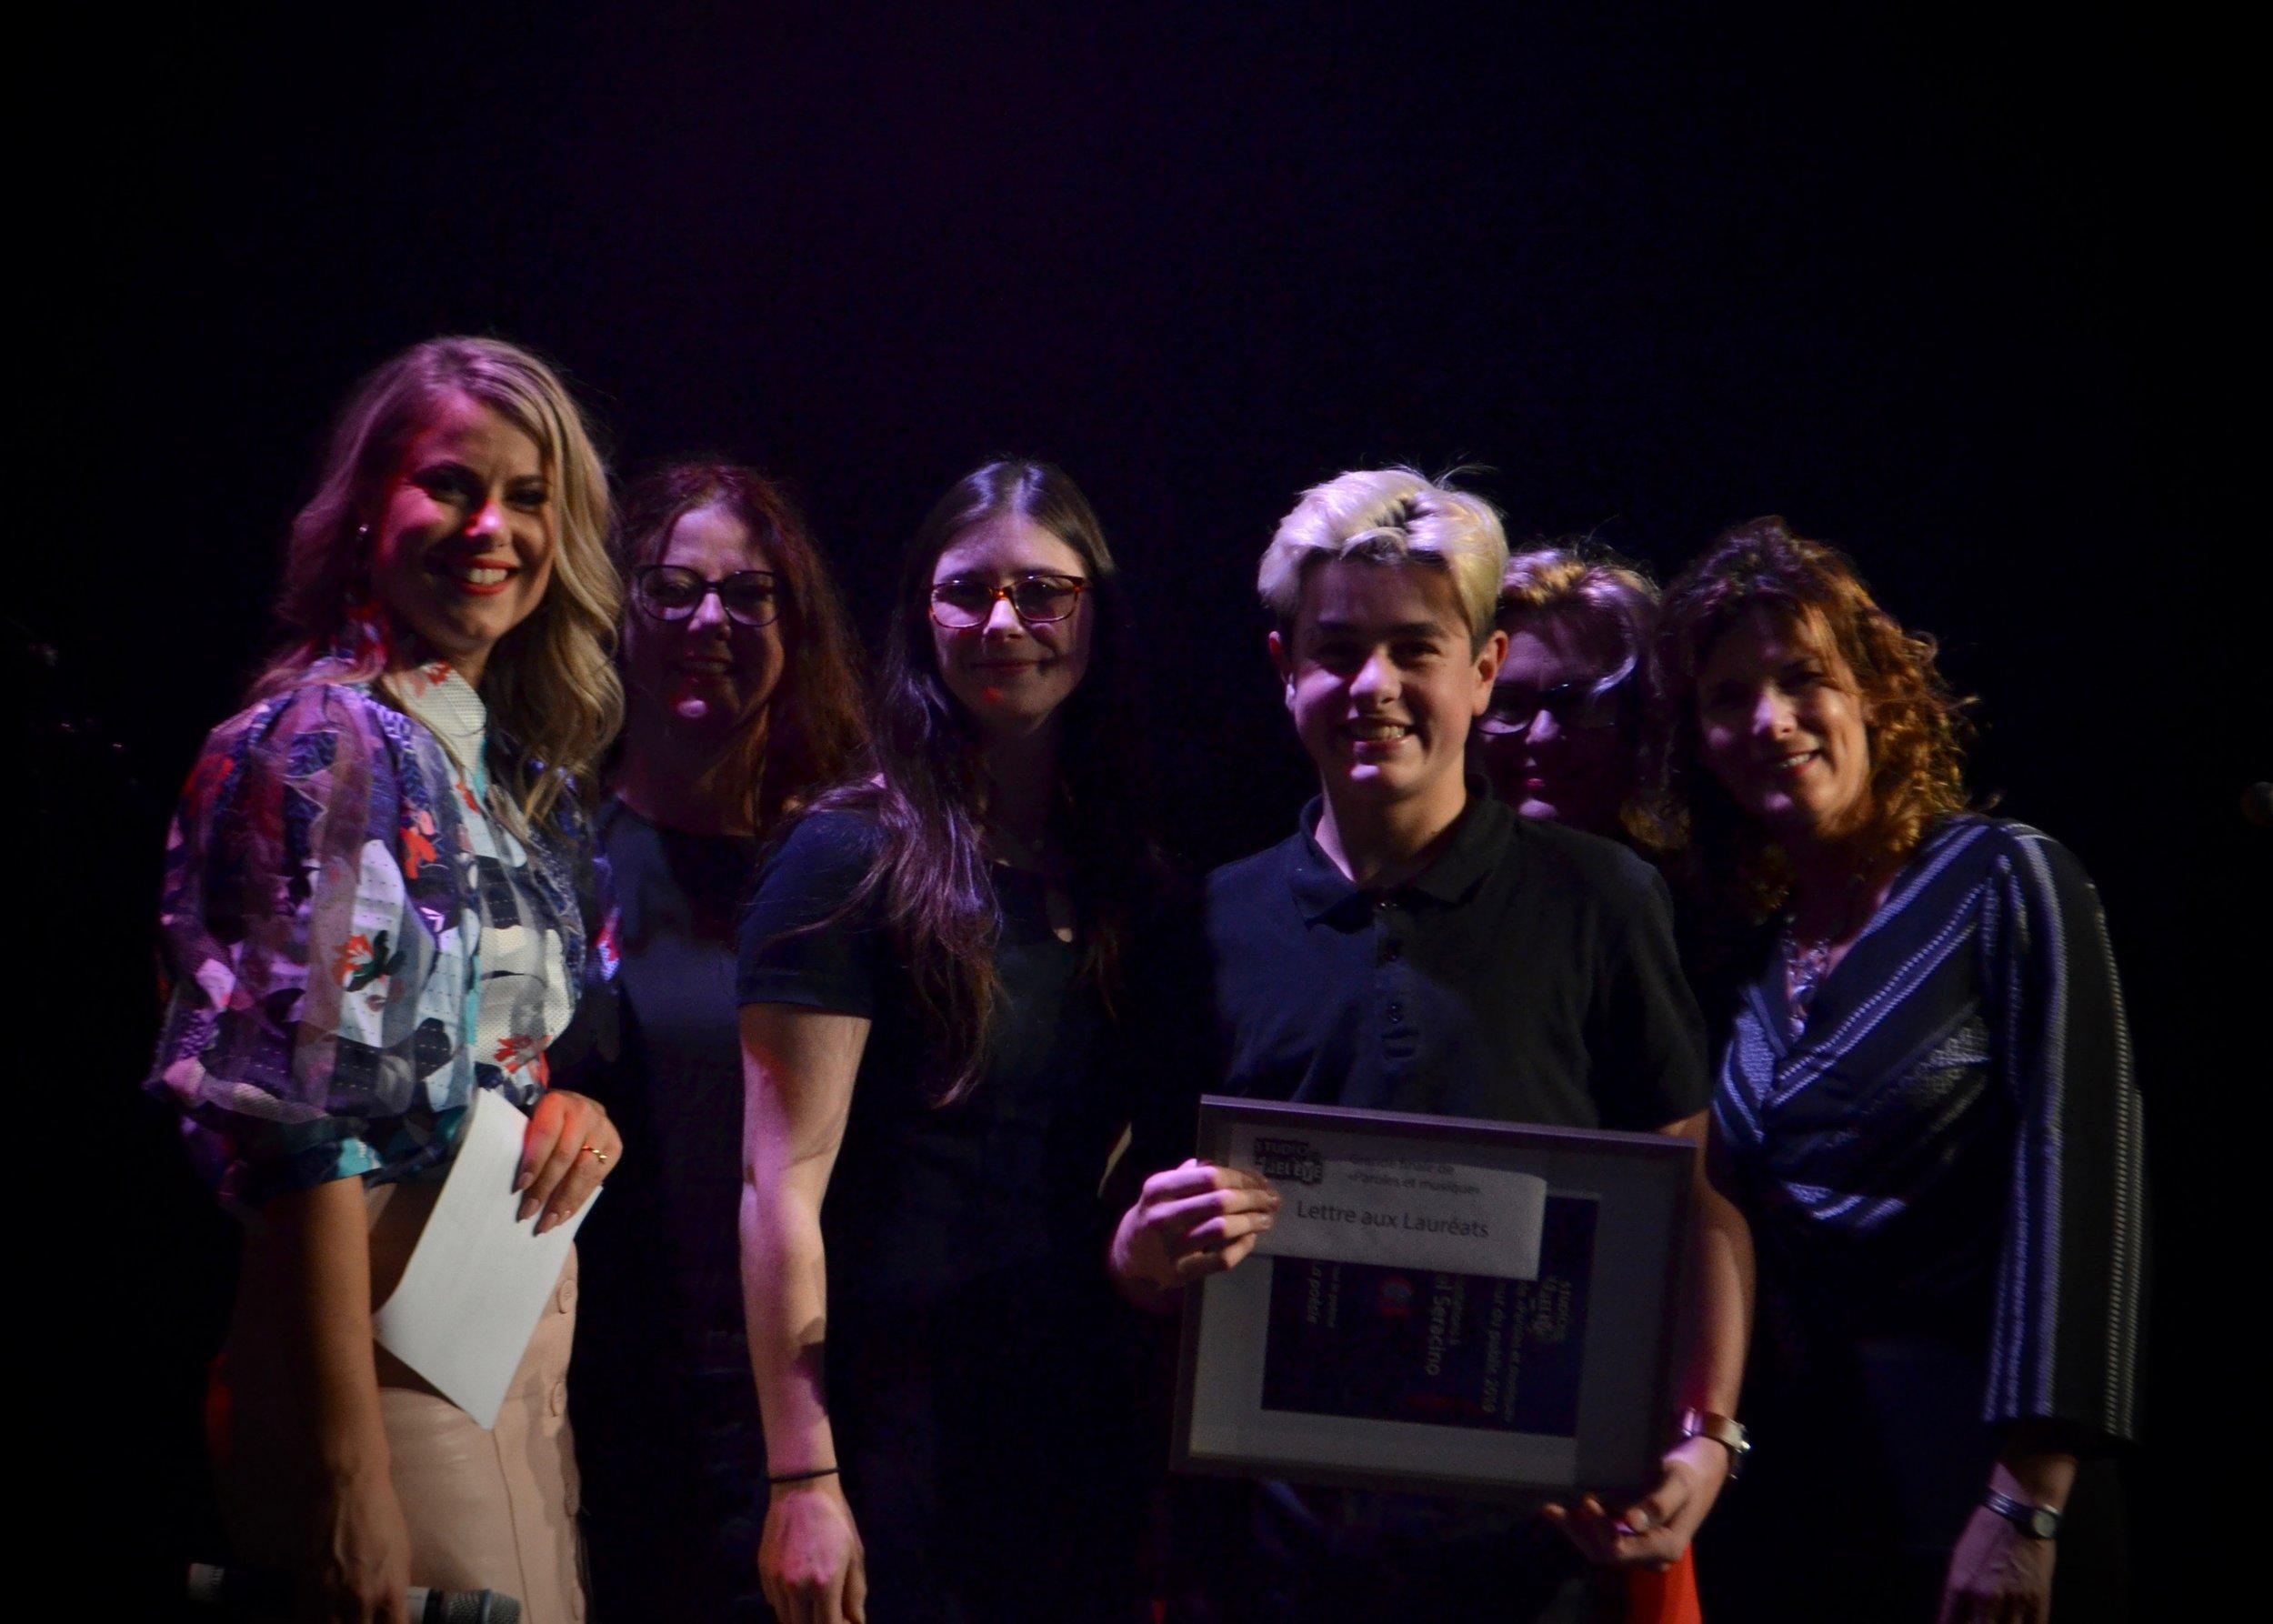 Mikael Seracino, Auteur du texte la poésie. Prix remis par Mesdames julie Lepage, France Chouinard, Maryline Ouellette et Julie Vincent de l'école Cap Jeunesse